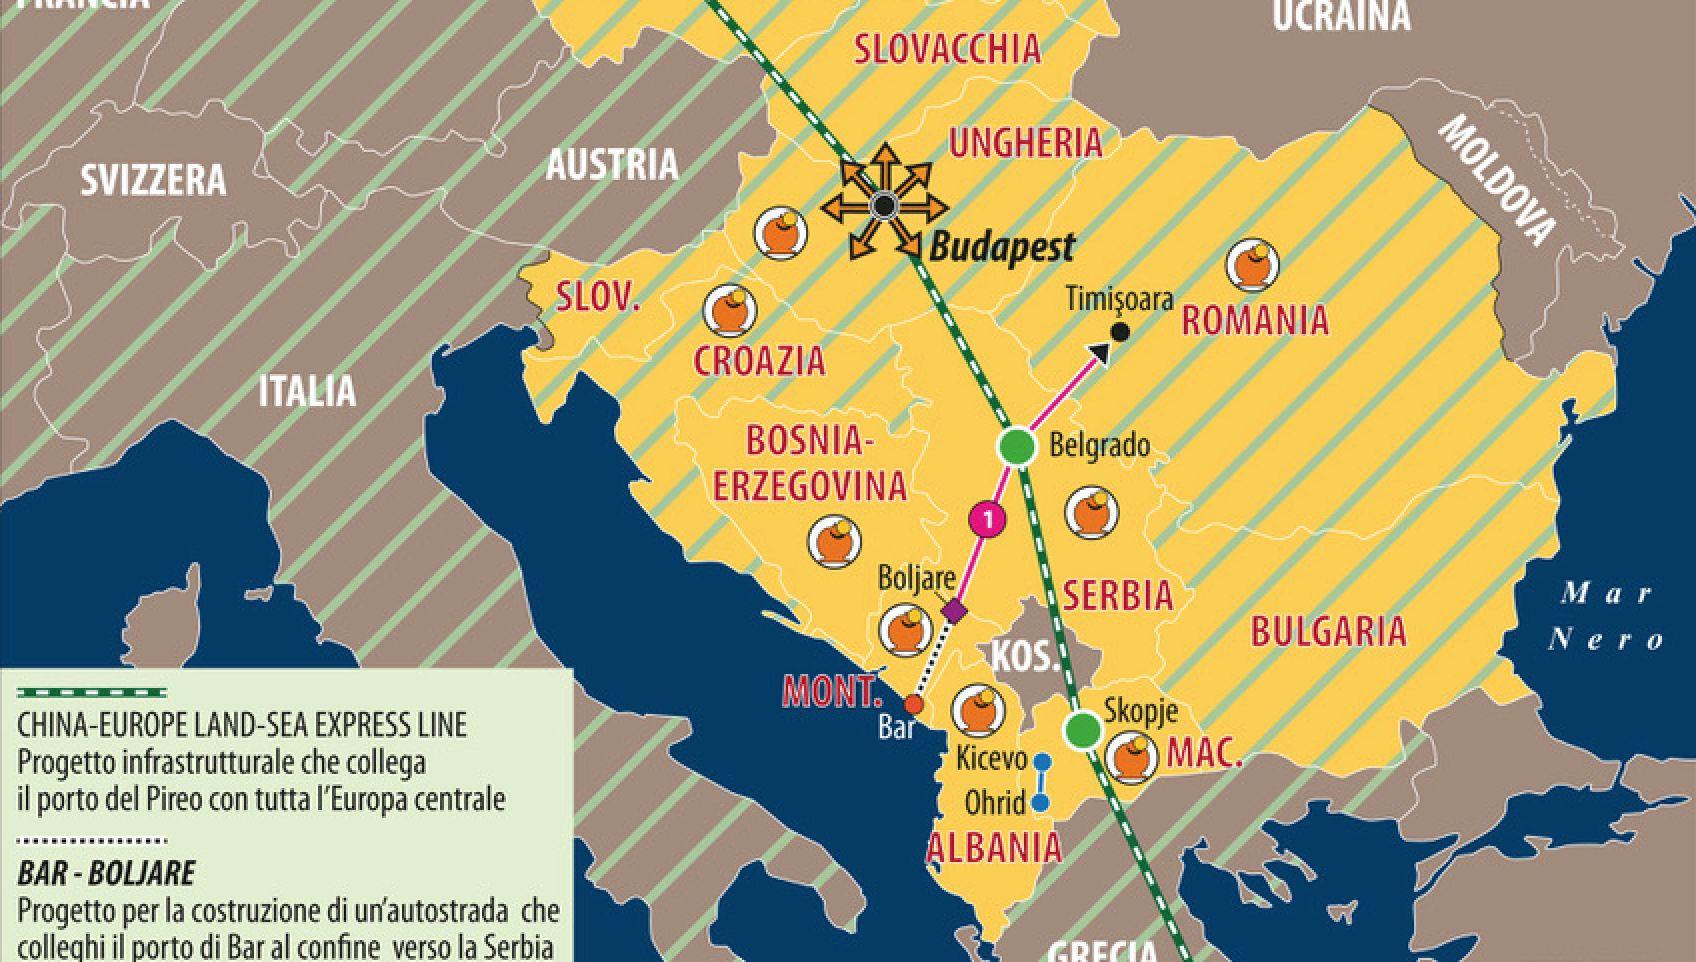 dettaglio_impero_centro_europa_mezzo